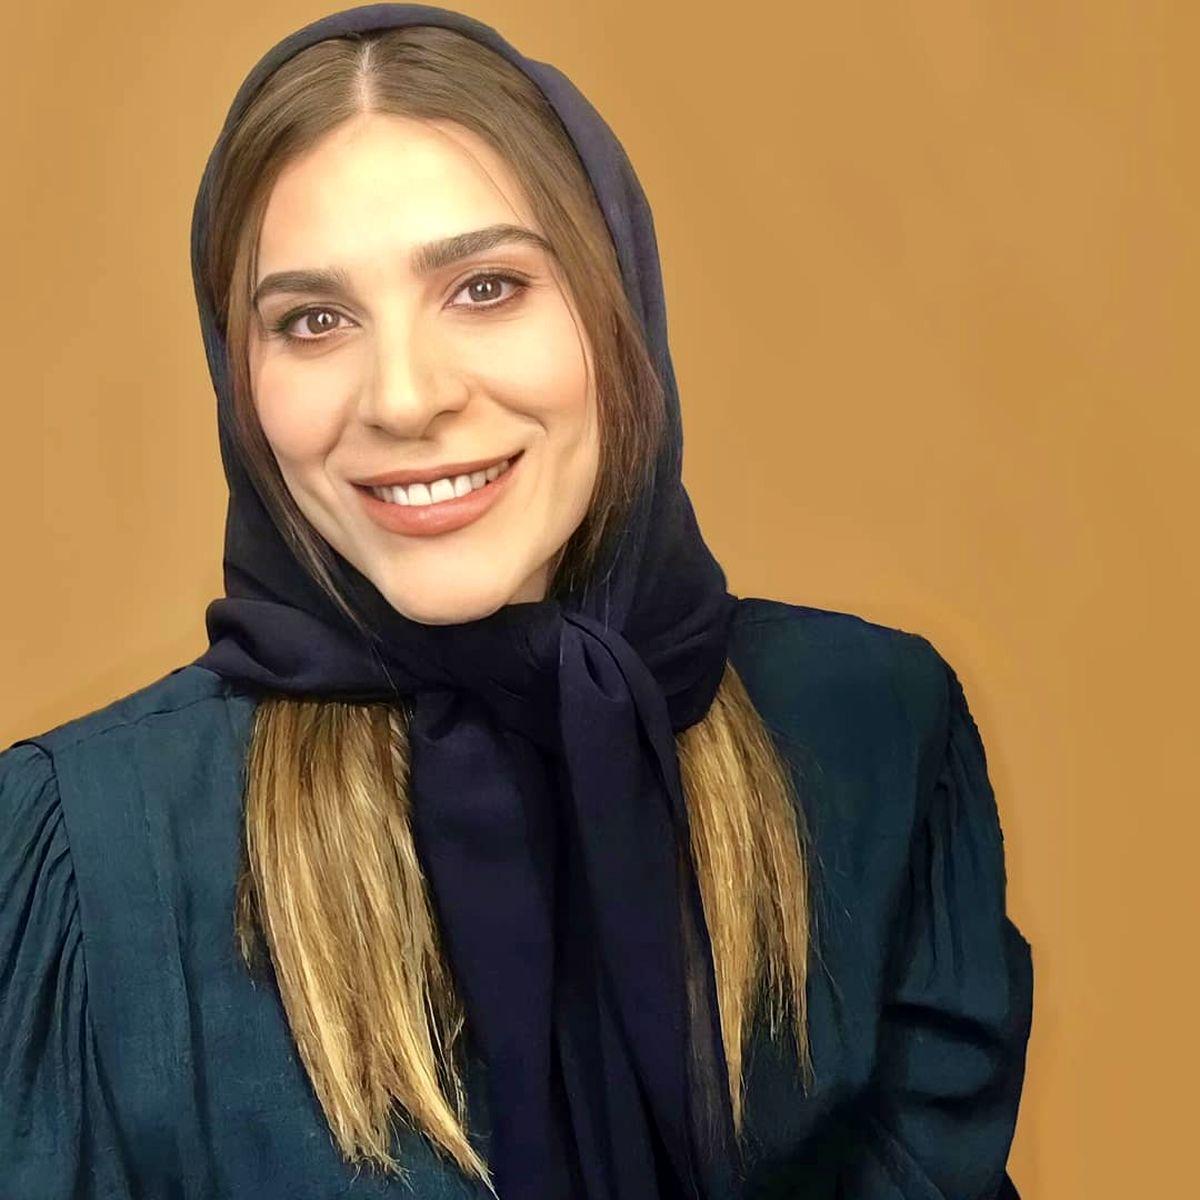 چهره عجیب سحر دولتشاهی بعد از لاغری و جراحی زیبایی +عکس